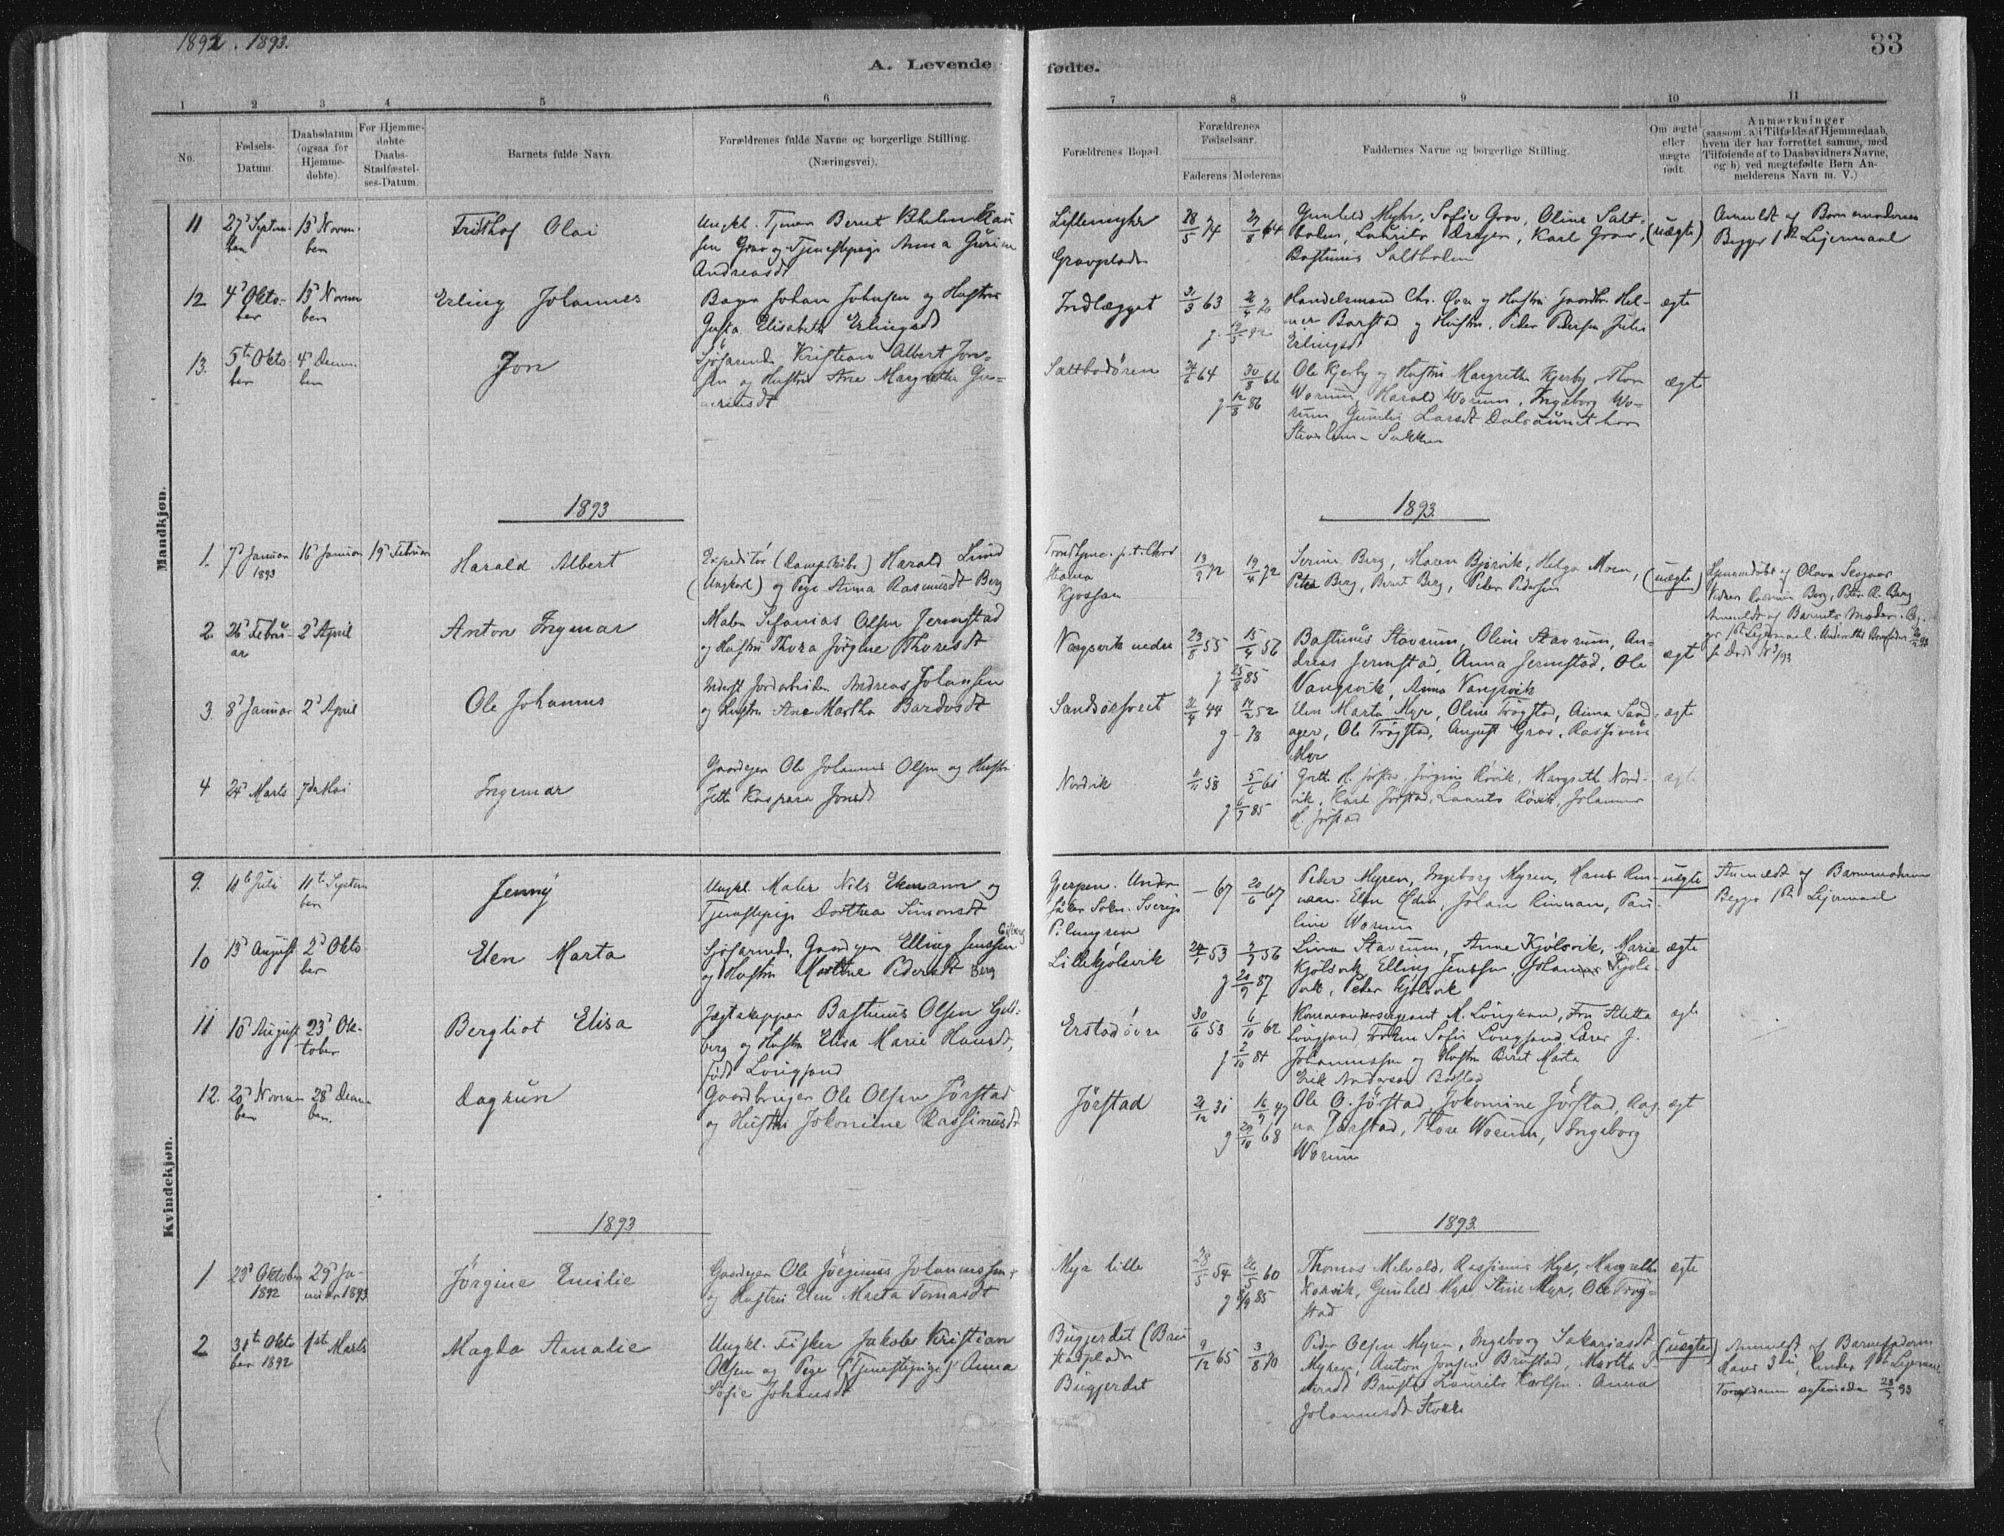 SAT, Ministerialprotokoller, klokkerbøker og fødselsregistre - Nord-Trøndelag, 722/L0220: Ministerialbok nr. 722A07, 1881-1908, s. 33